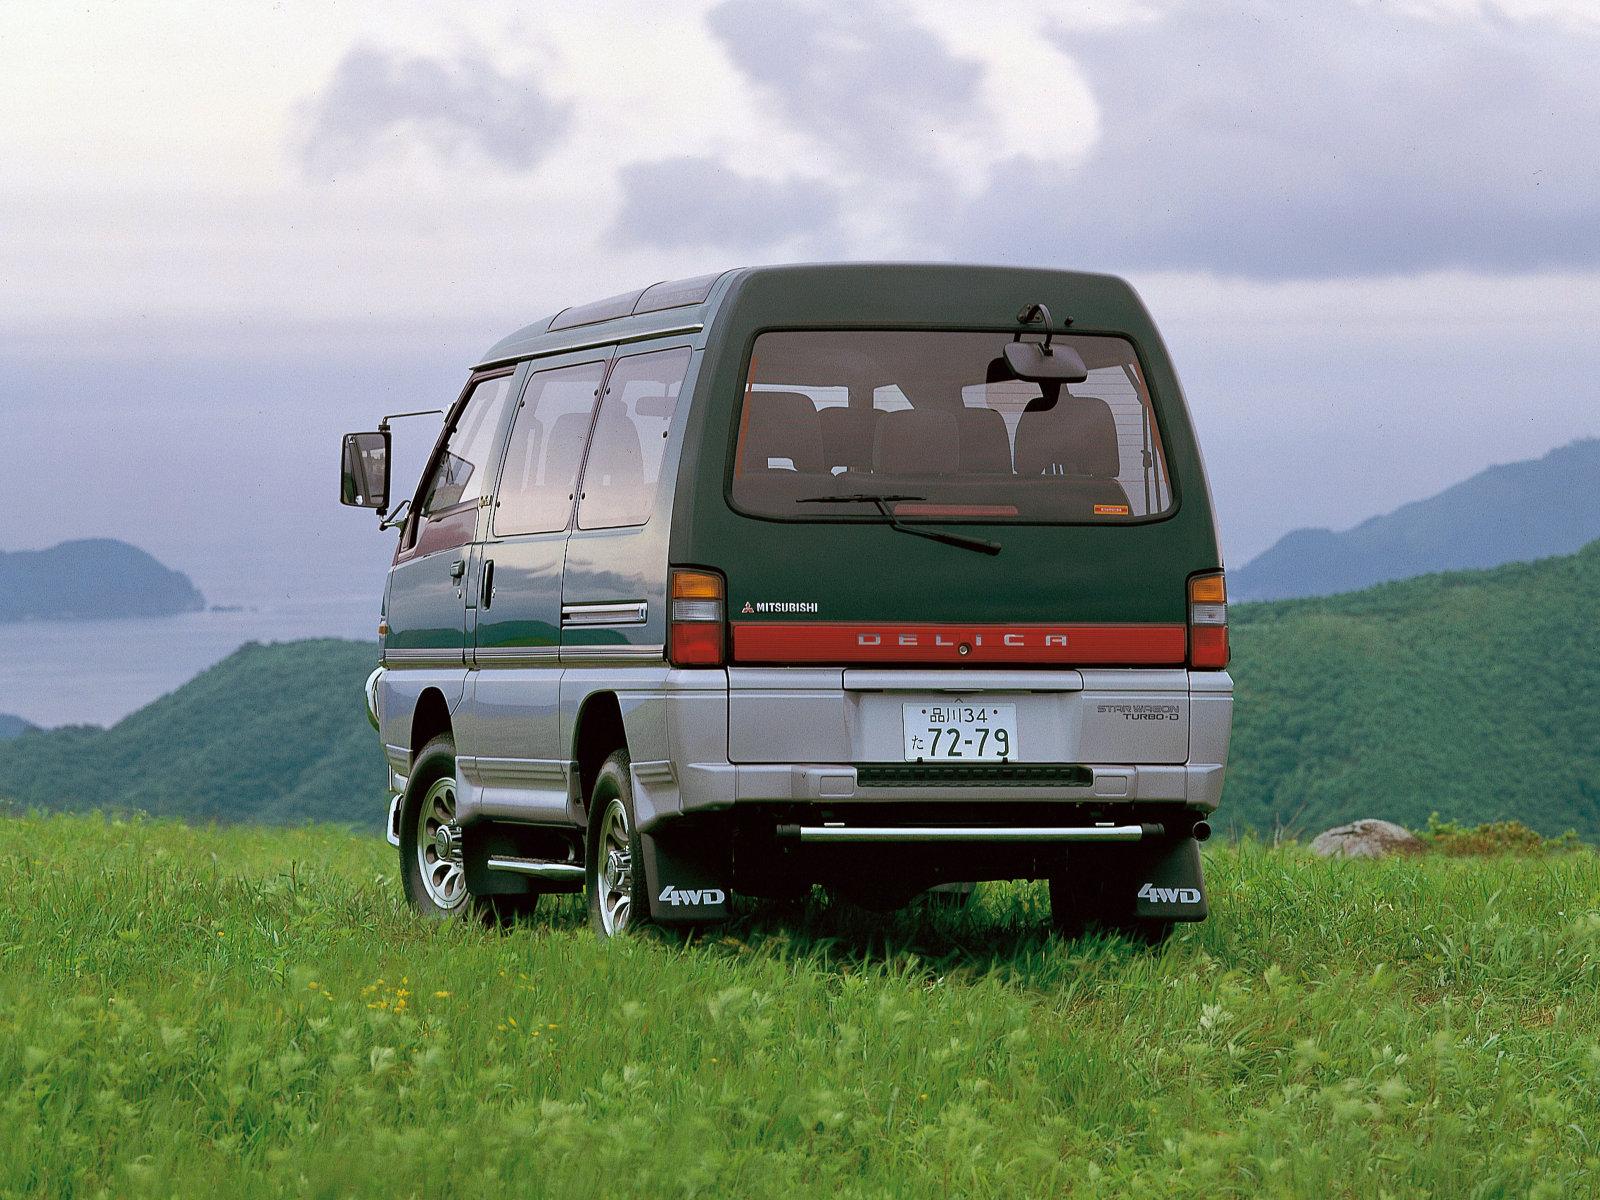 Delica , рамный микроавтобус, дизель, все блокировки, комфортабельный